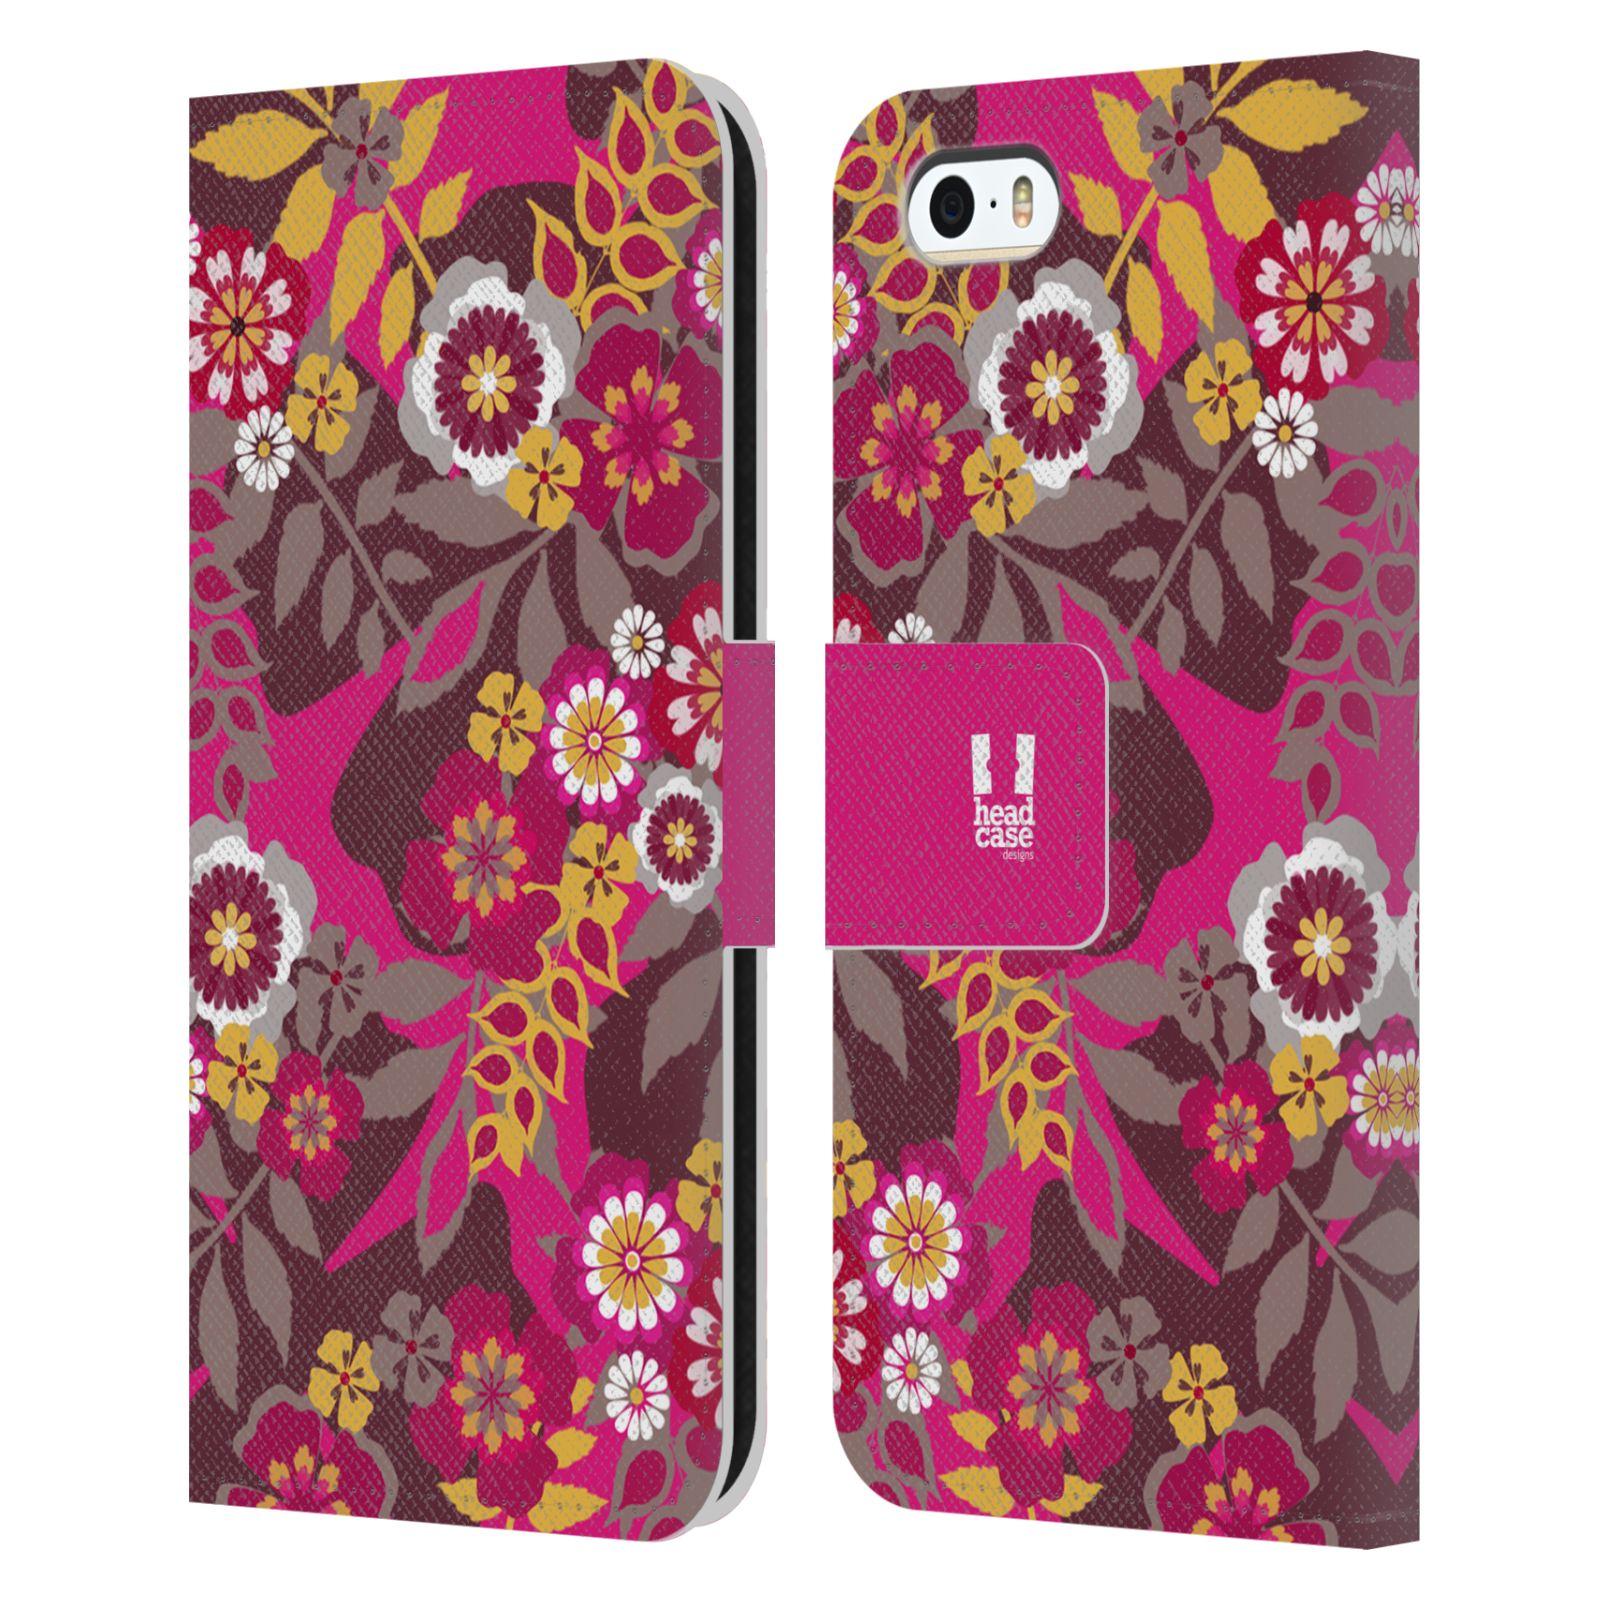 HEAD CASE Flipové pouzdro pro mobil Apple Iphone 5/5s BOTANIKA růžová a hnědá